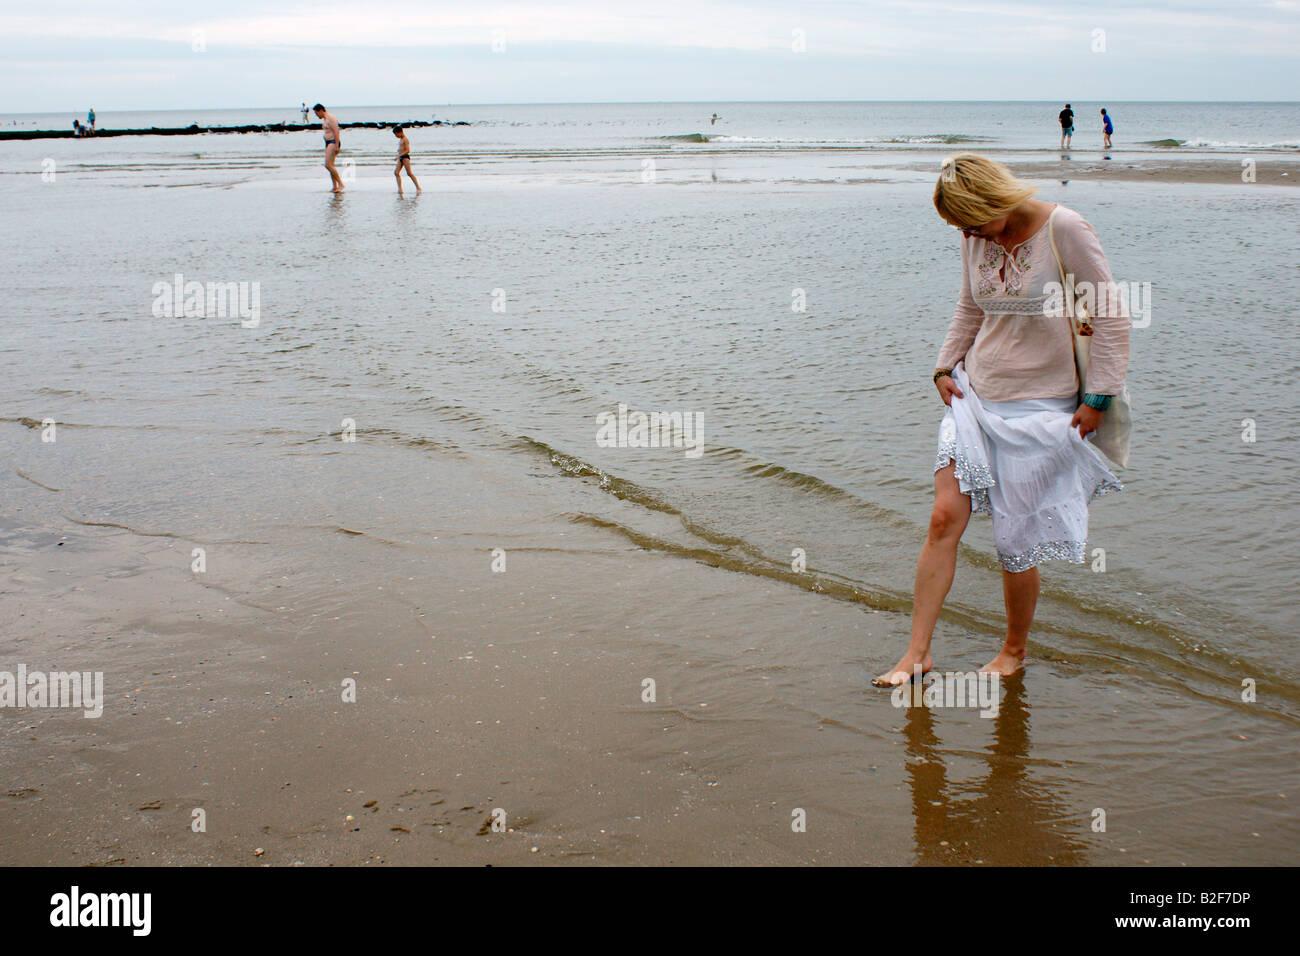 Young woman blonde teen girl walking bare feet in shallow water of sea  beach Scheveningen, Den Haag Hague Netherlands